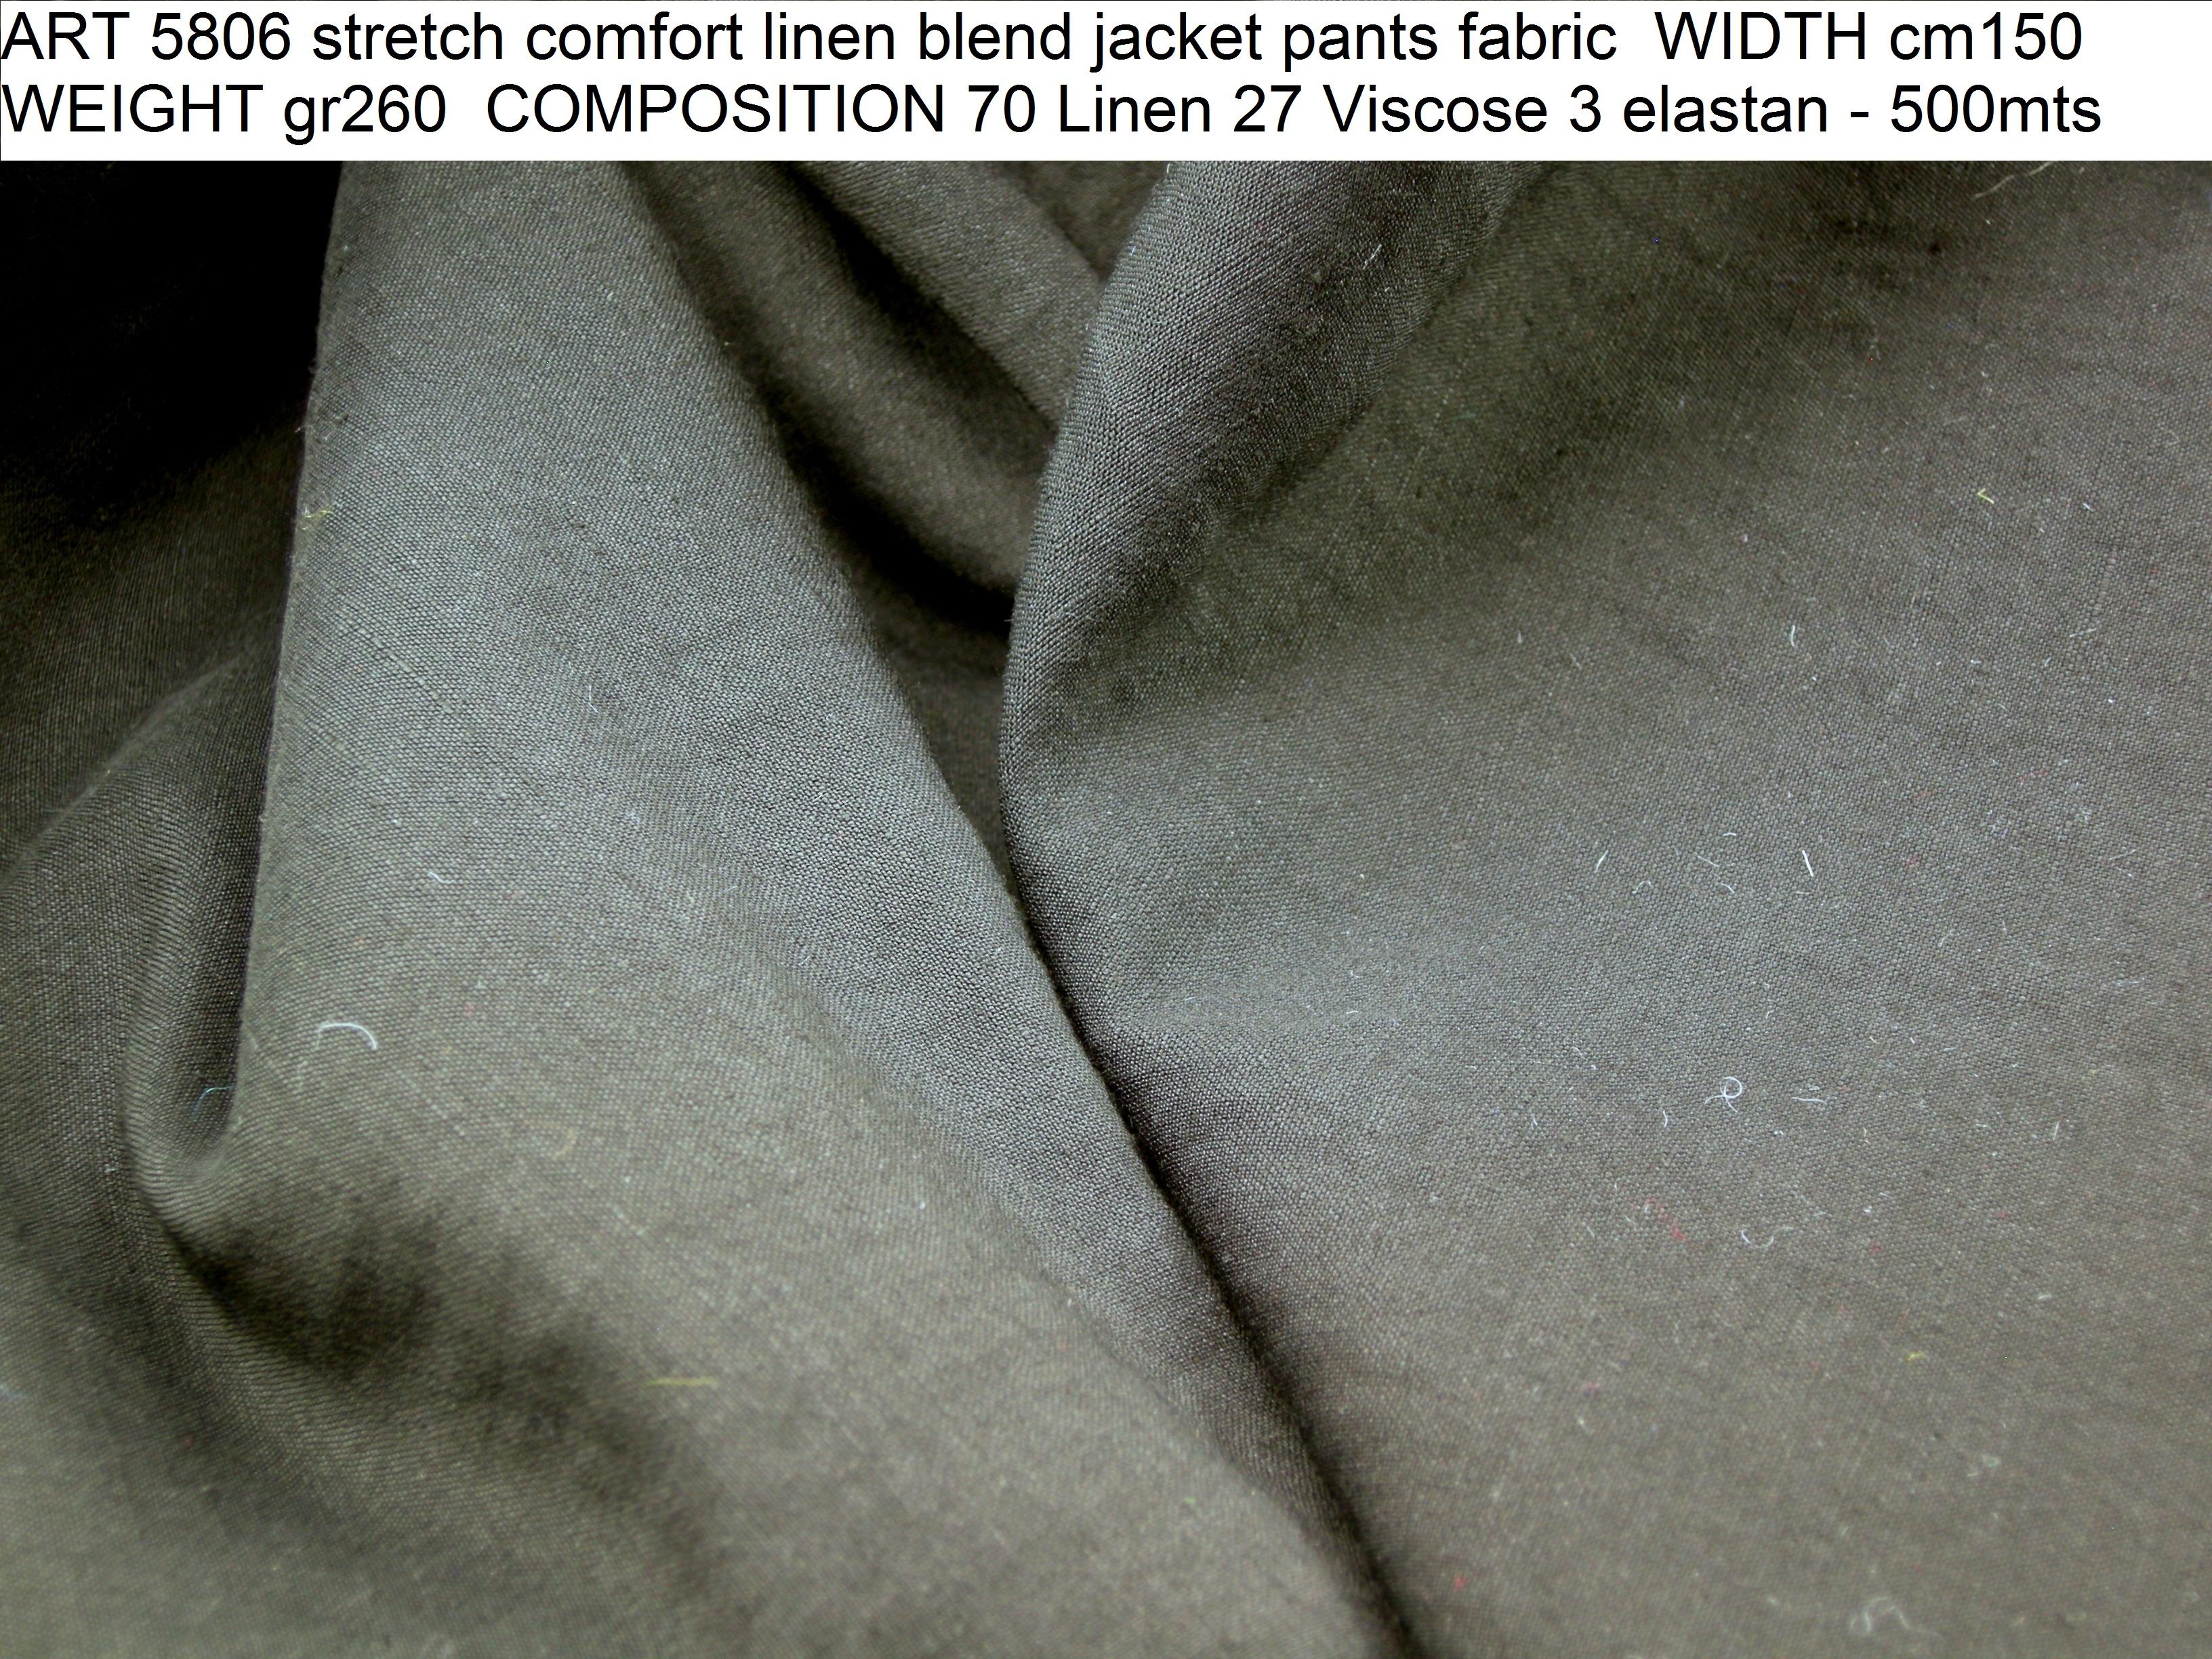 ART 5806 stretch comfort linen blend jacket pants fabric WIDTH cm150 WEIGHT gr260 COMPOSITION 70 Linen 27 Viscose 3 elastan - 500mts